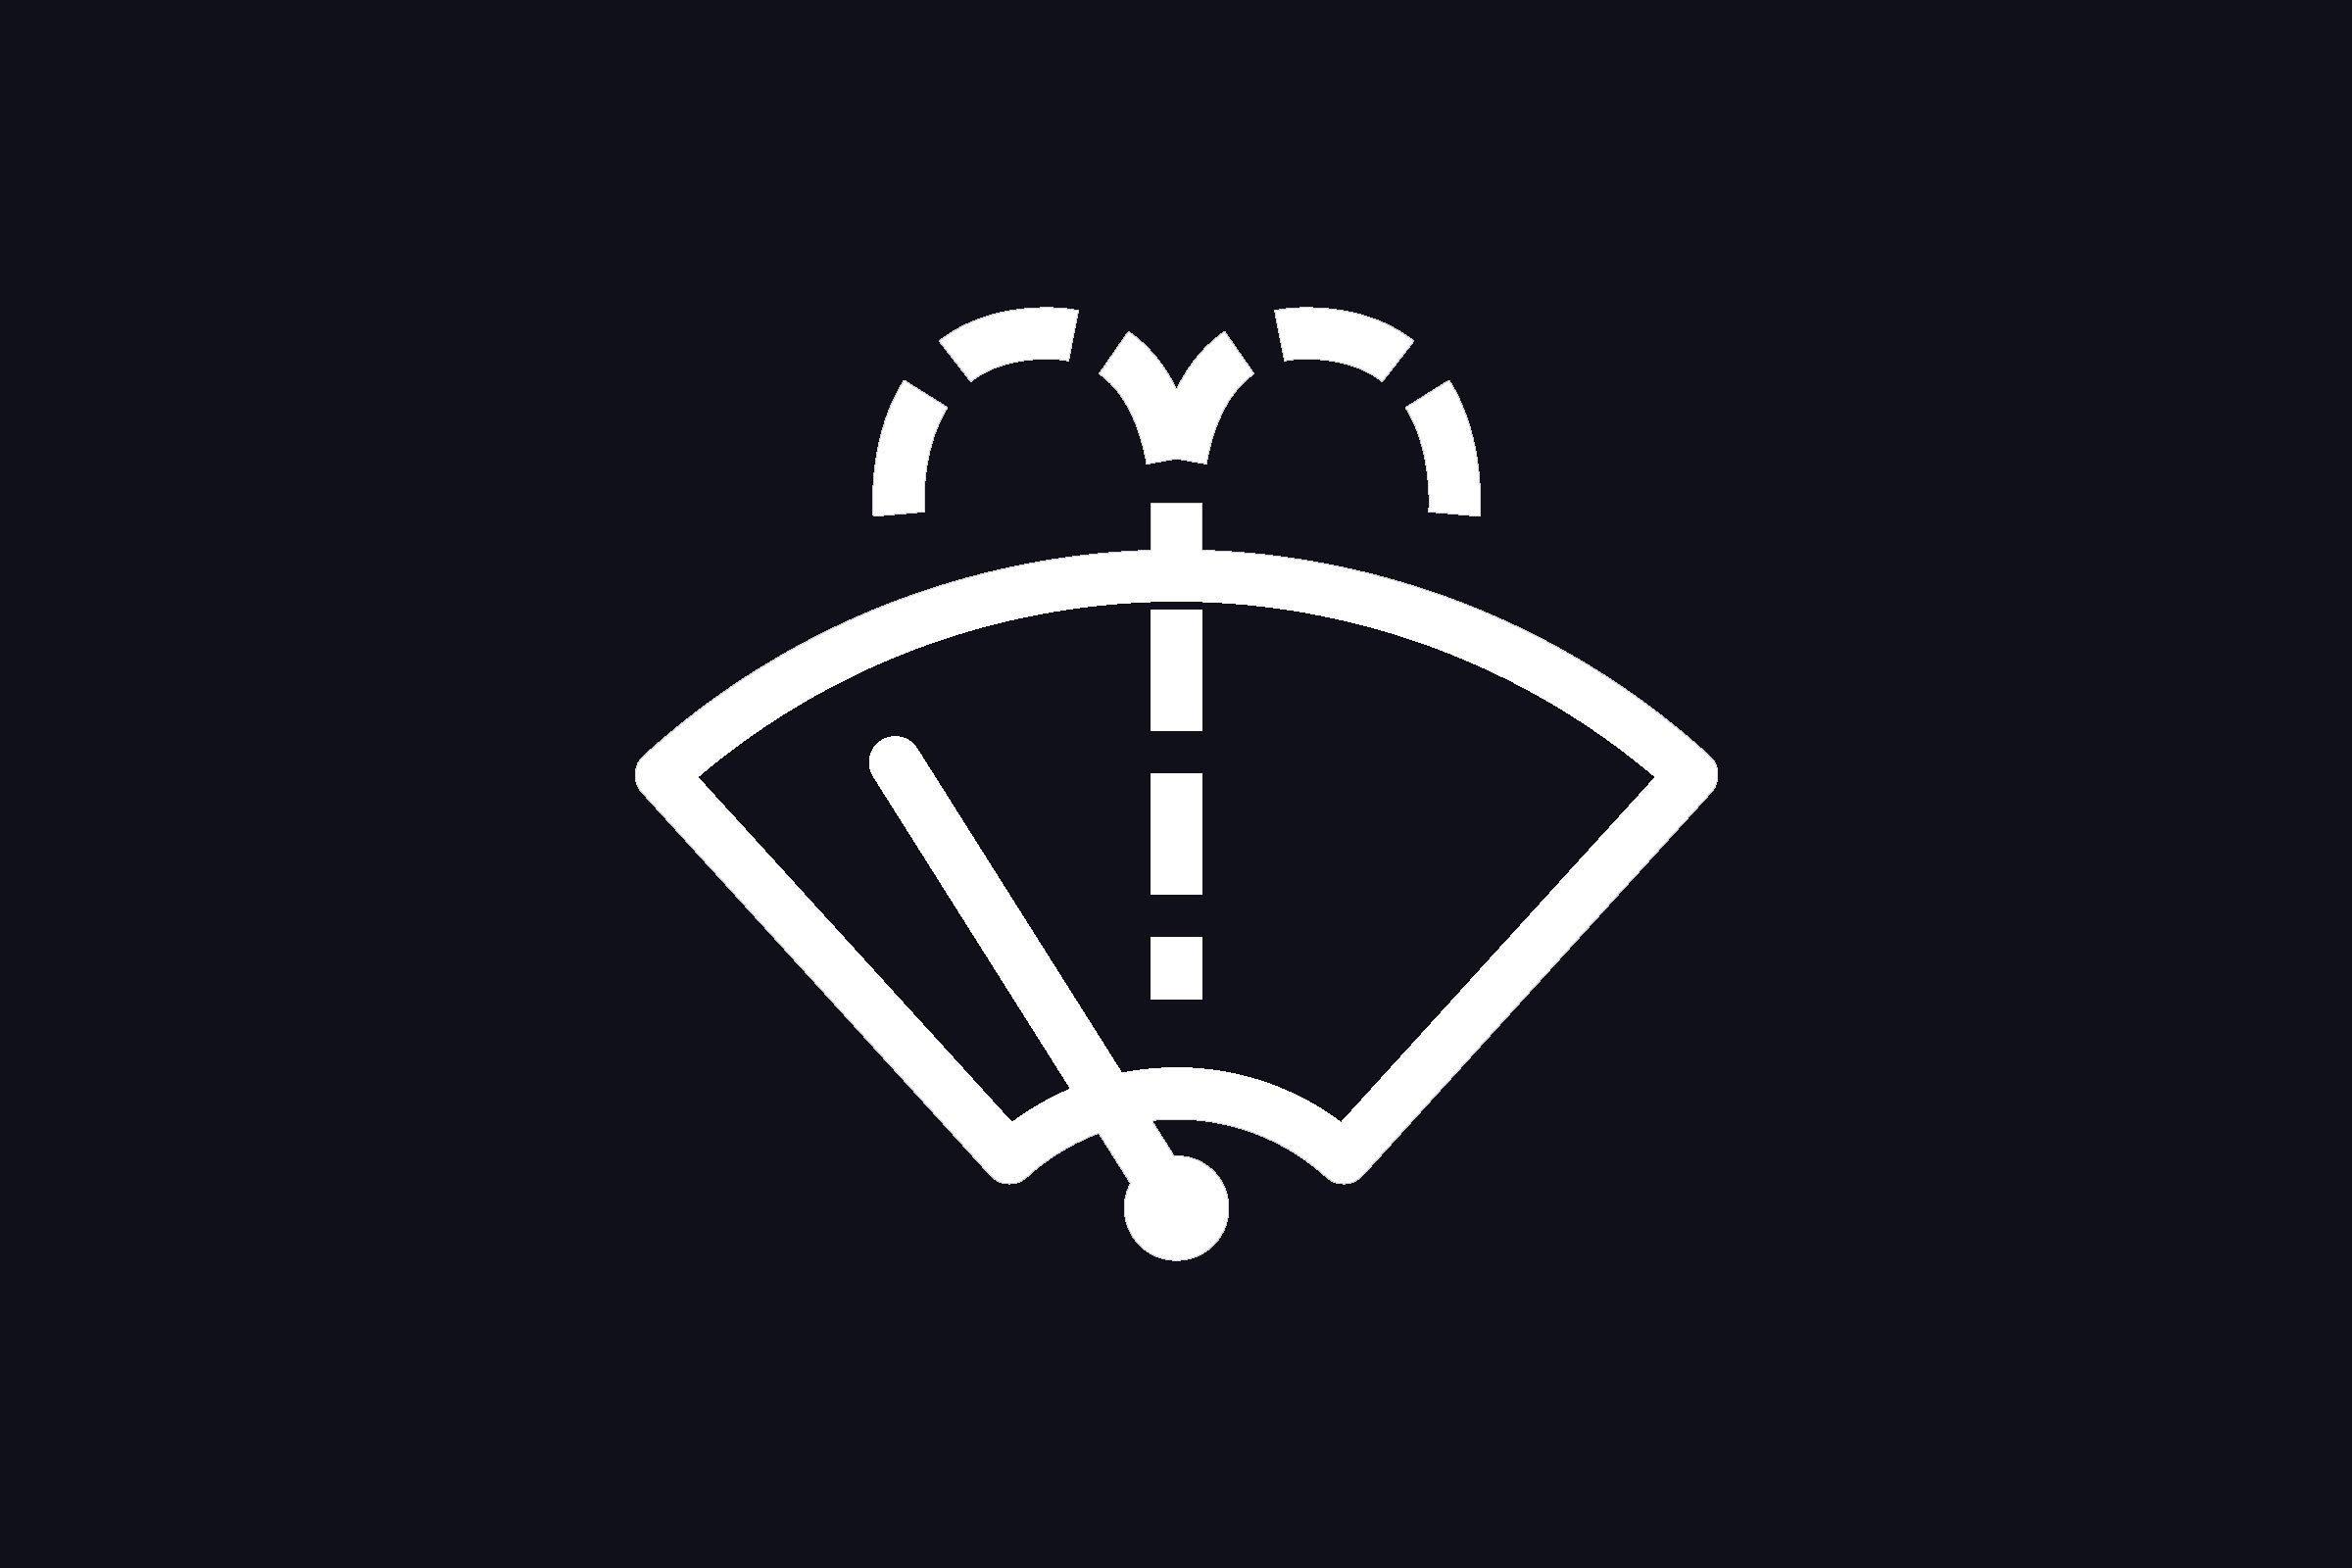 washer fluid symbol